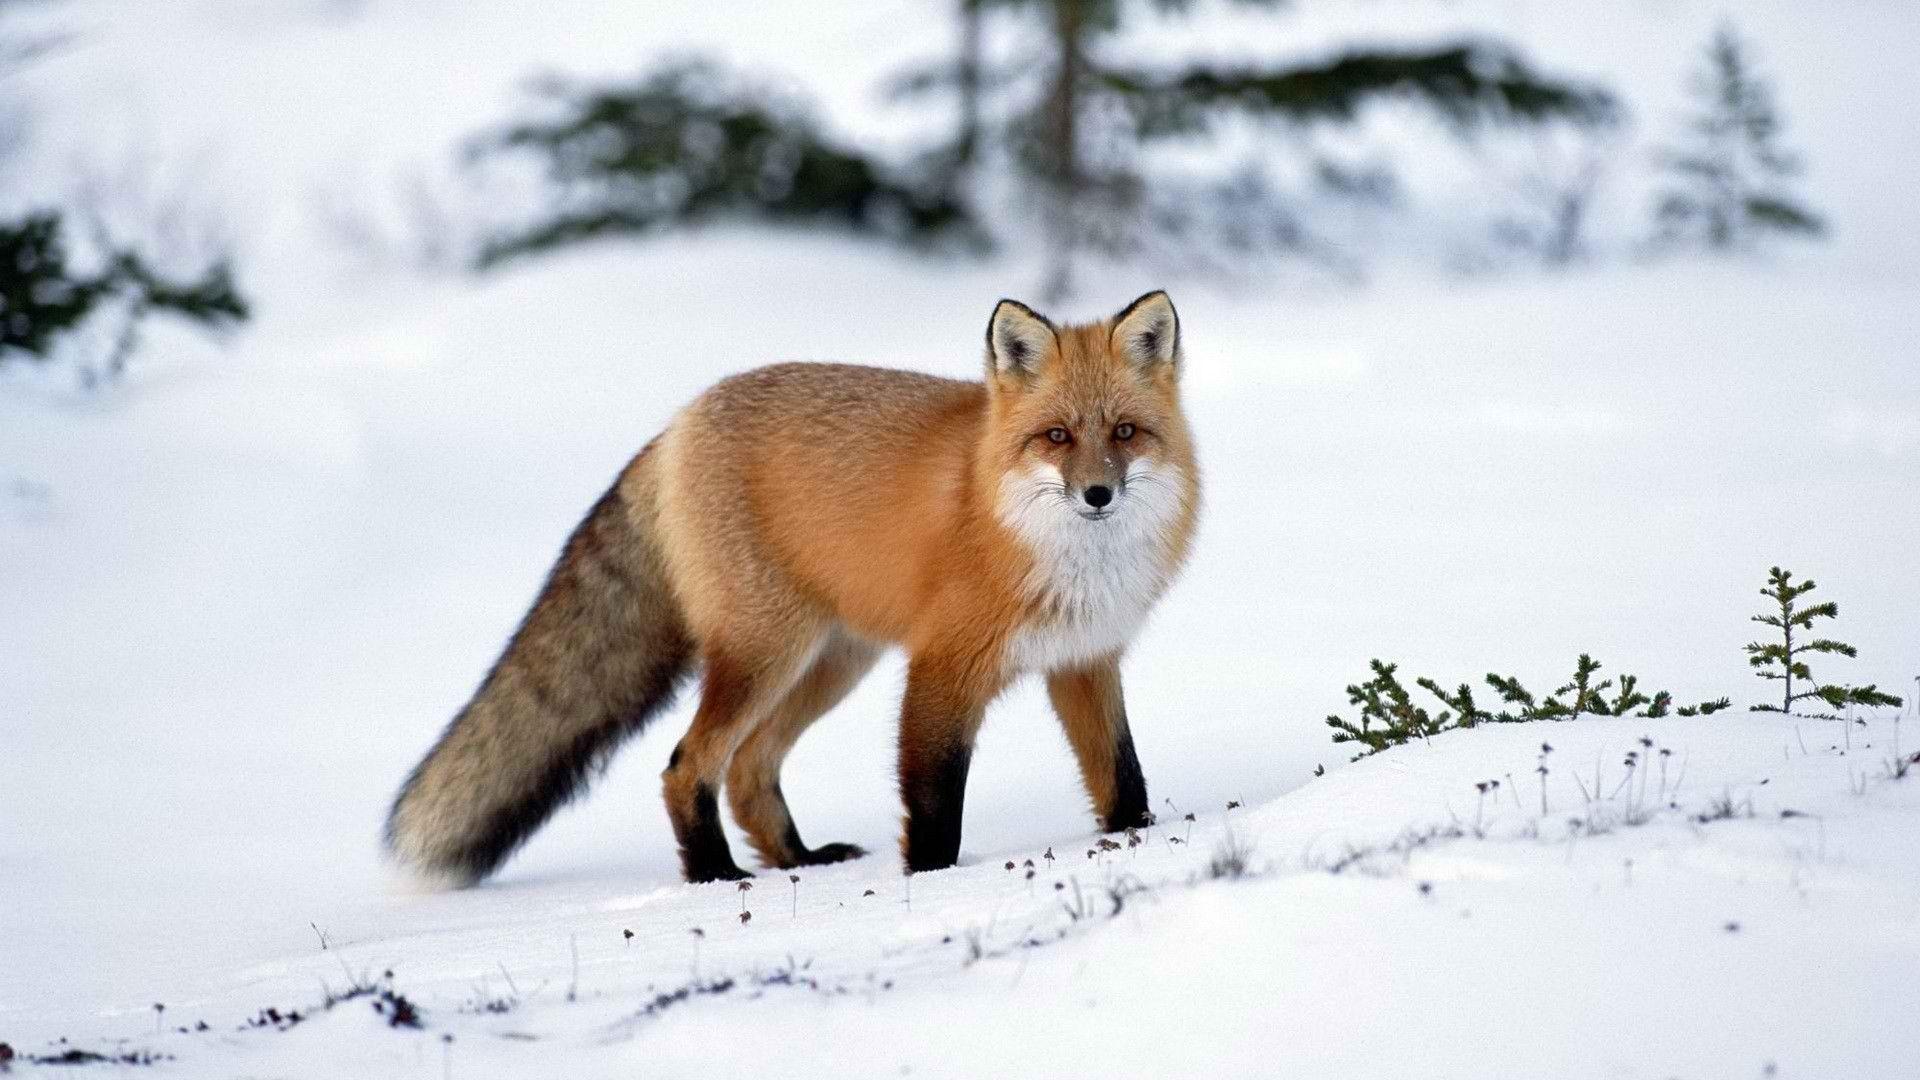 Red fox desktop 1 920 1 080 pixels fox - Fox desktop background ...